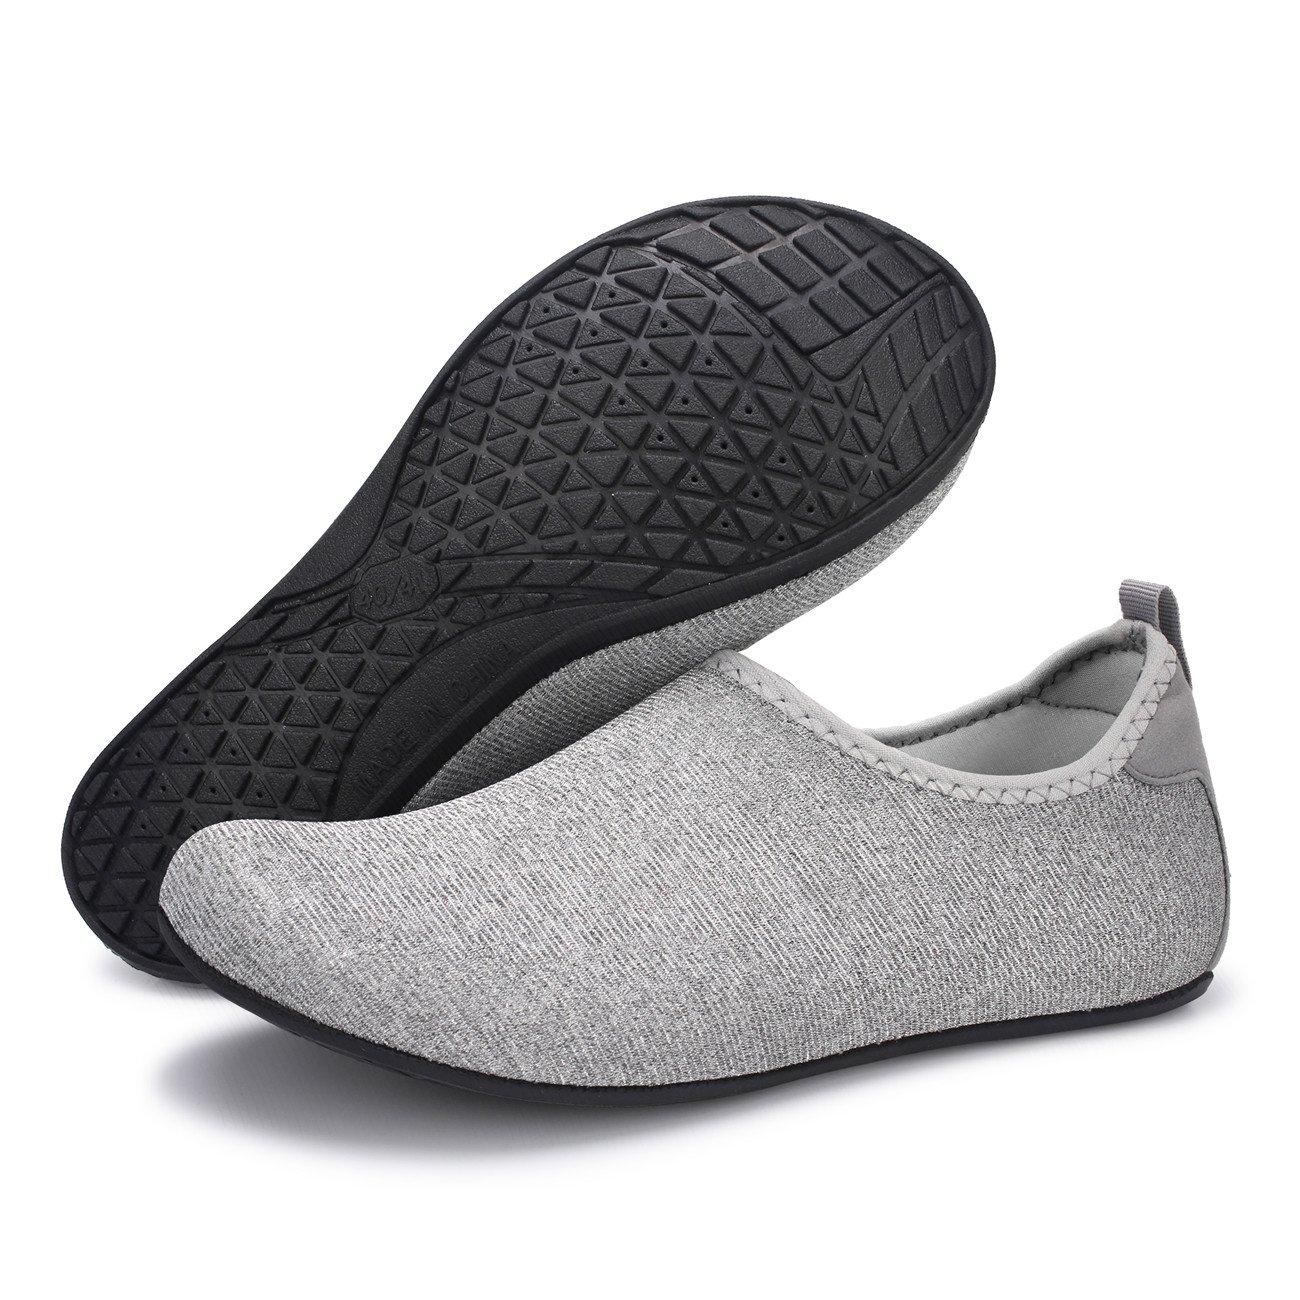 FEETCITY Hombres Zapatos de agua Zapatos de natación para mujeres de secado  rápido Descalzo Beach Surf Boat Yoga Sneakers Plata brillante d5cd4aec7f1